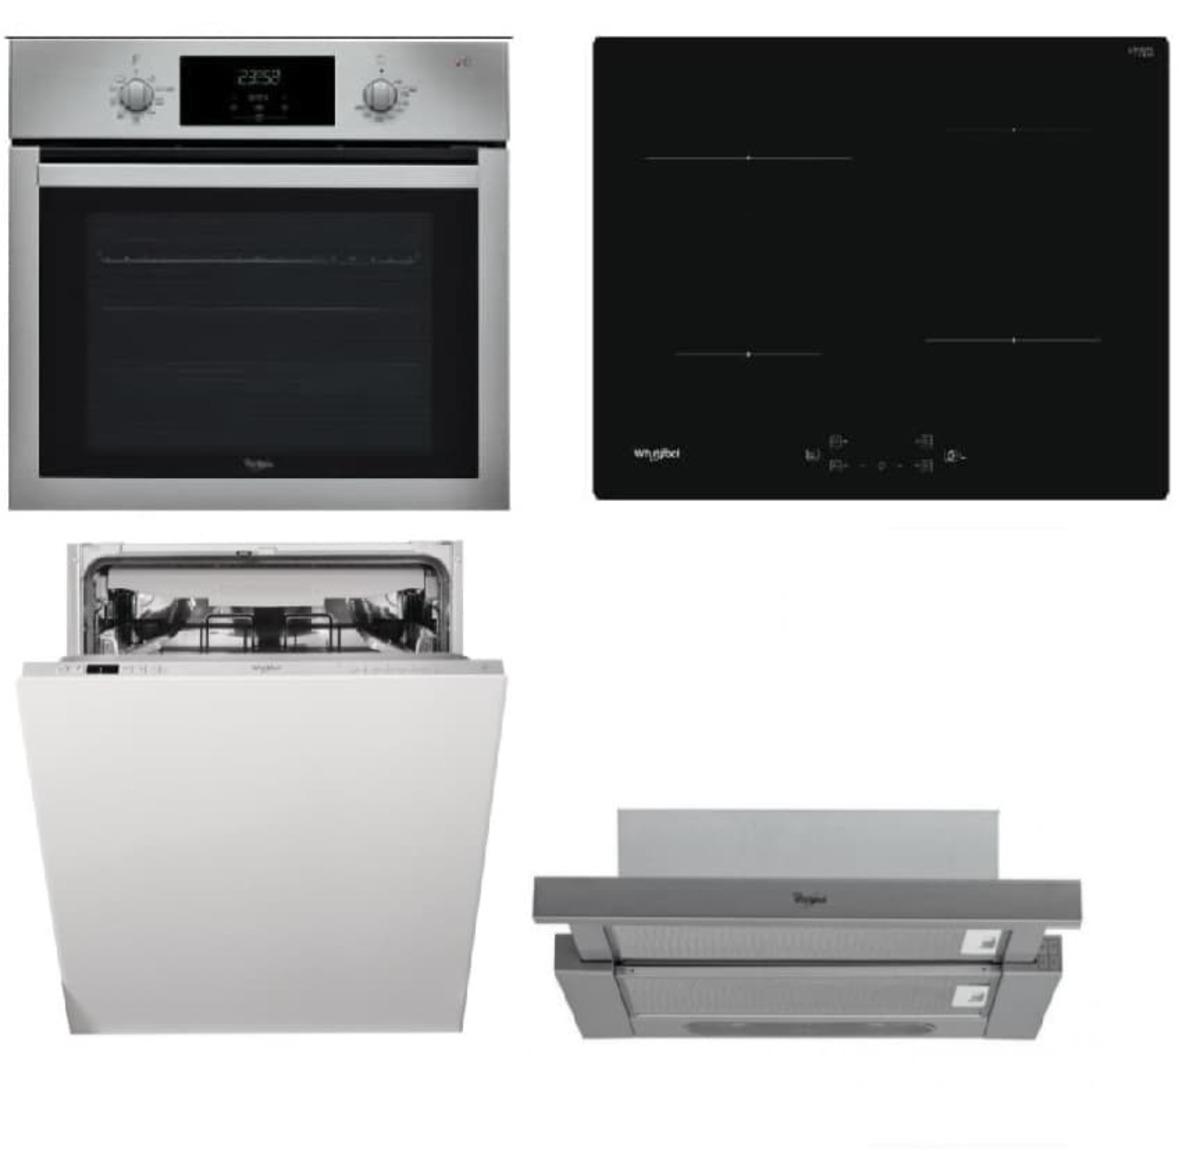 Set spotřebičů Whirlpool trouba AKP742IX + indukční deska WSQ7360NE + vestavná myčka 60cm WIC3C26F + výsuvná digestoř 60cm AKR7491IX